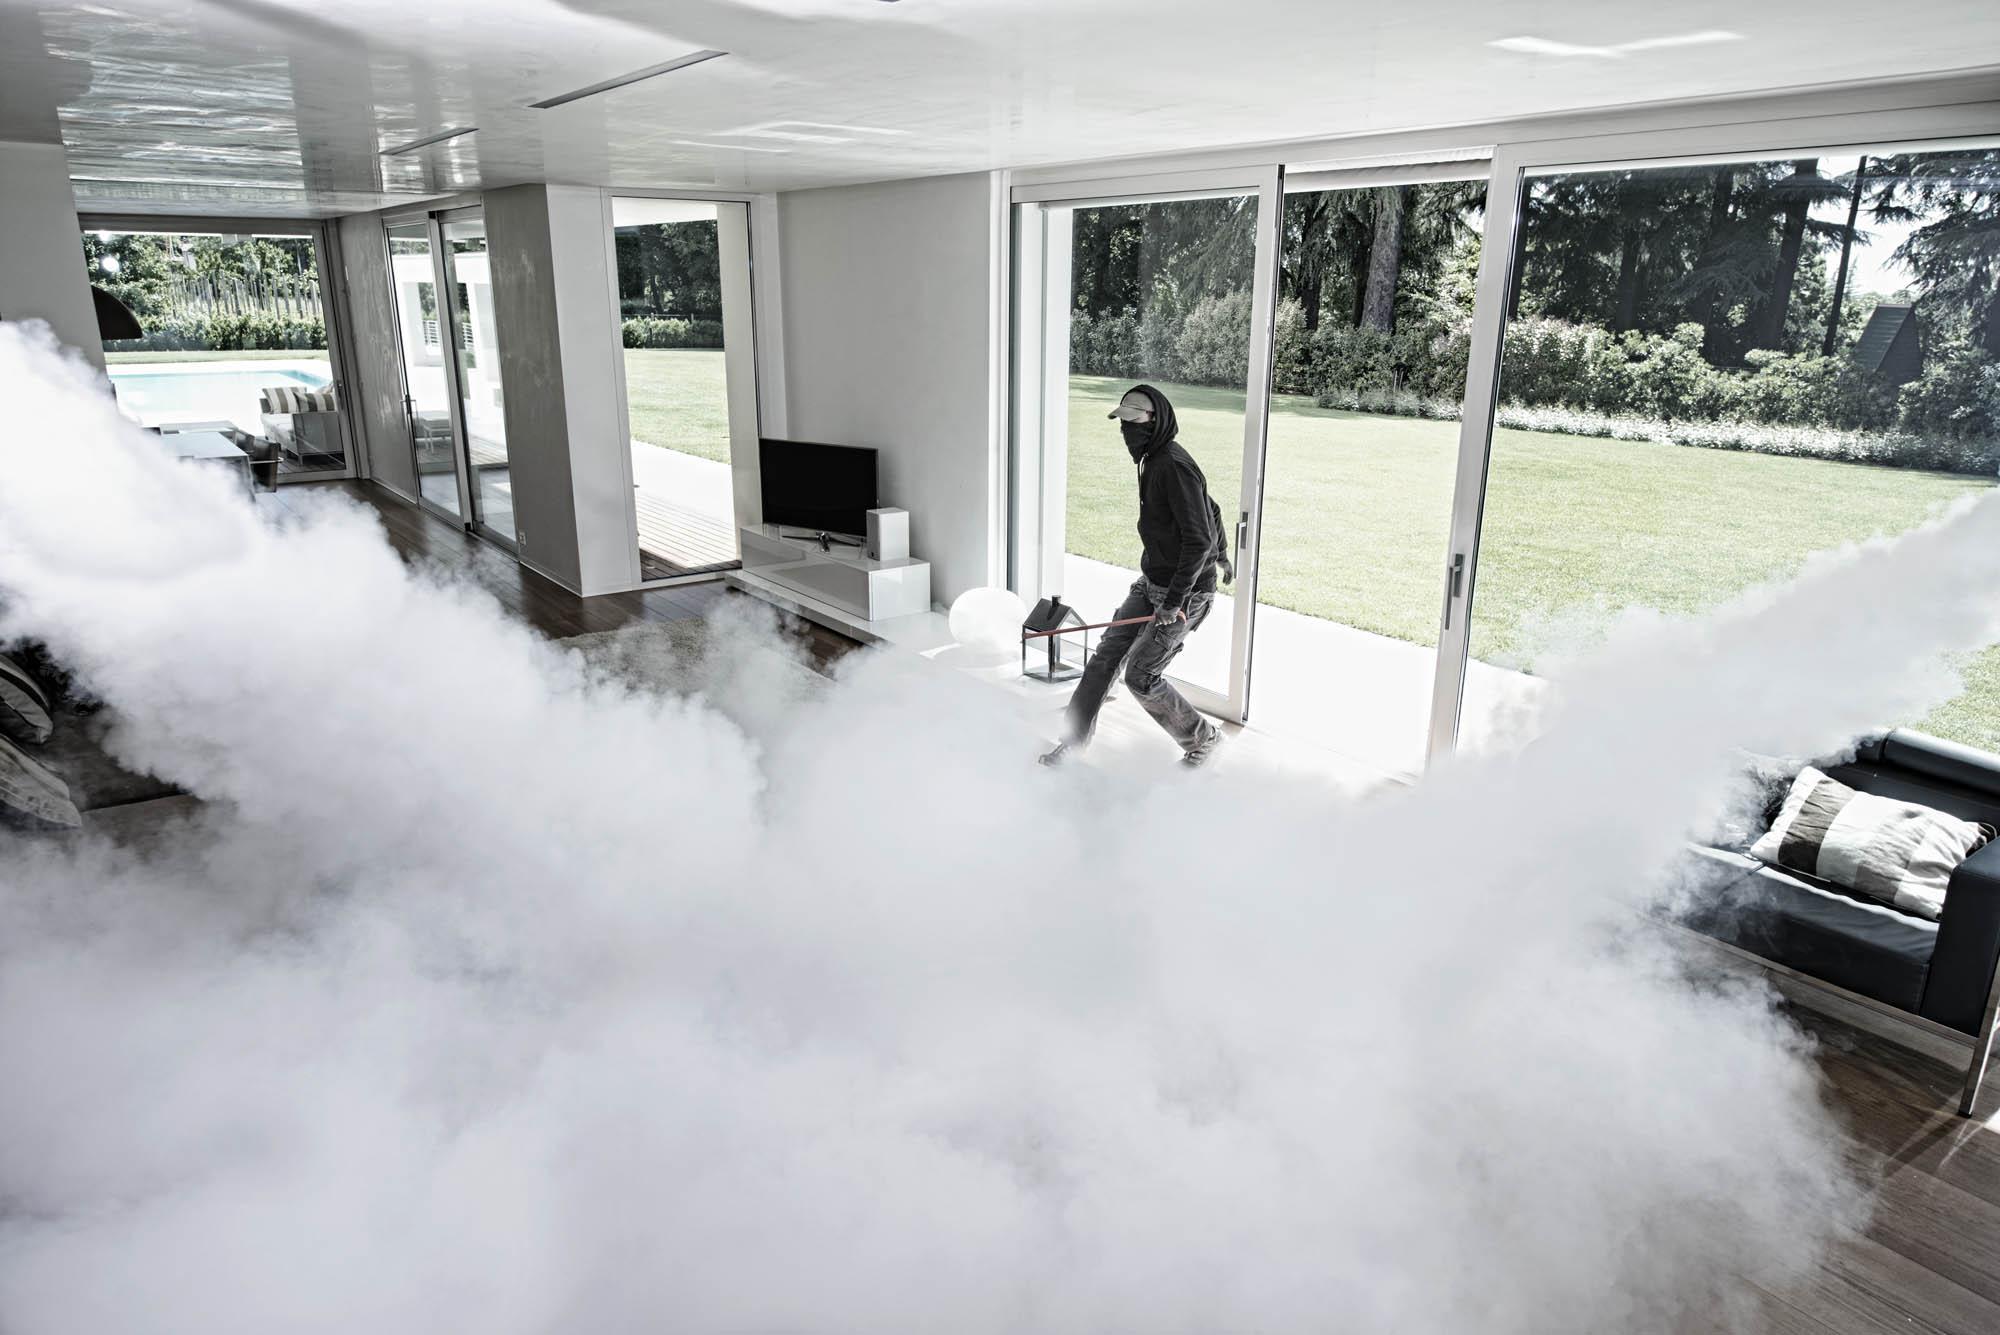 σύστημα αντικλεπτικής ομίχλης, καπνός για κλέφτες, μηχανή παραγωγής ομίχλης καπνού